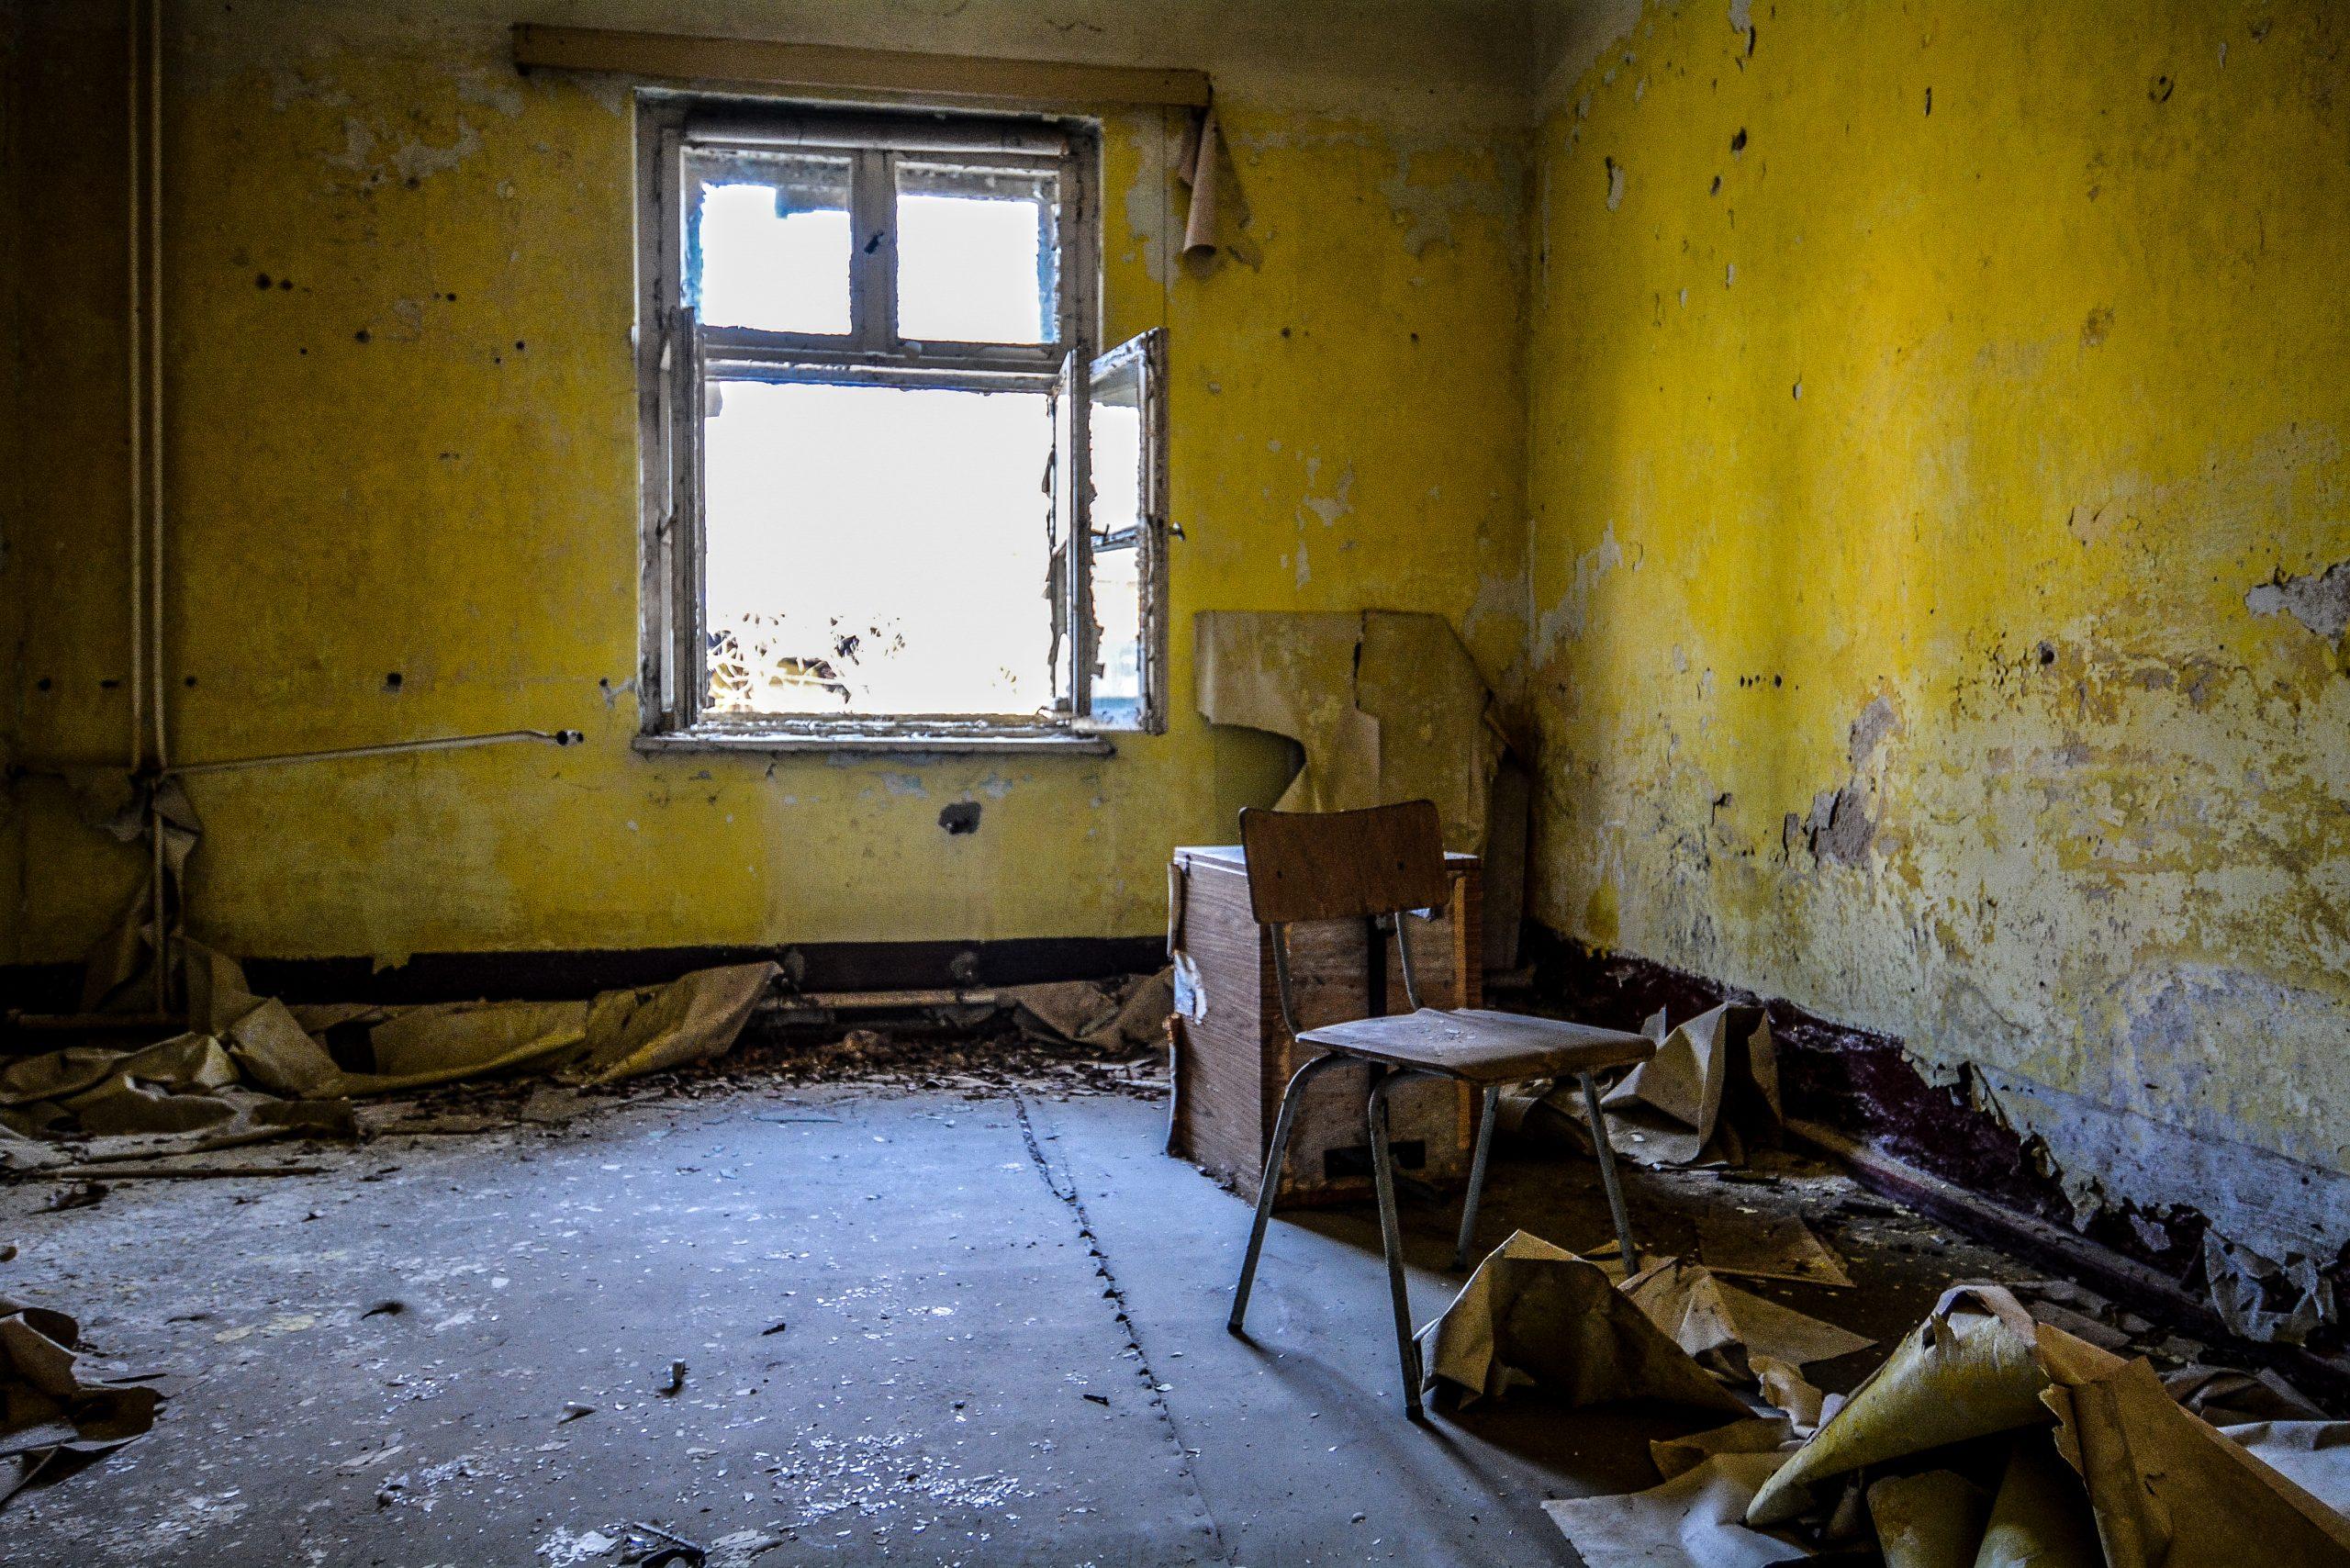 office chair forst zinna adolf hitler lager luckenwalde juterbog sowjet kaserne soviet military barracks germany lost places urbex abandoned